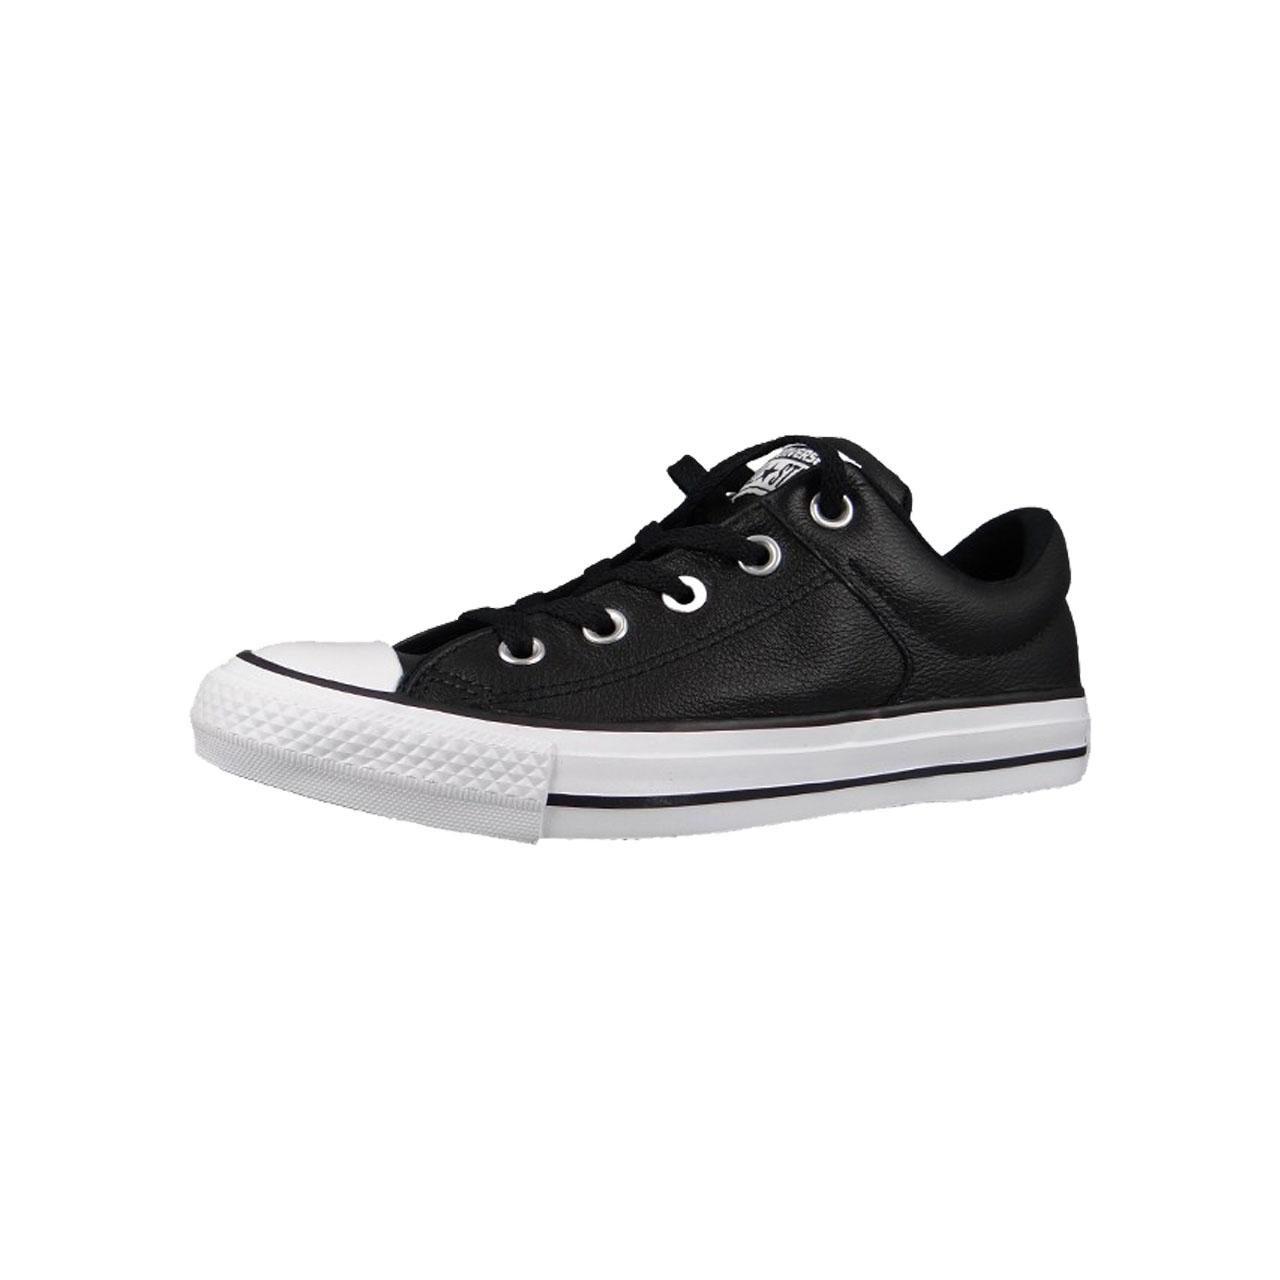 قیمت کفش مخصوص پیاده روی مردانه کانورس مدل 149430c-001